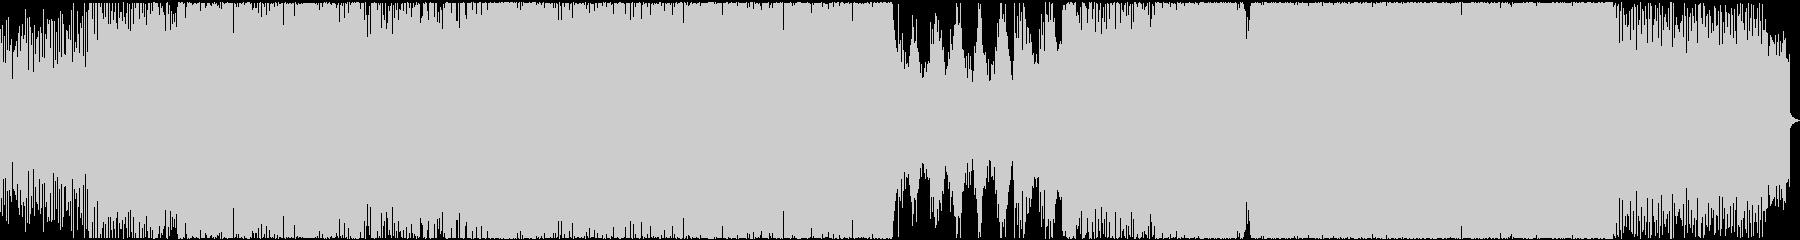 ゲーム・テクノトランス系のバトルEDM曲の未再生の波形